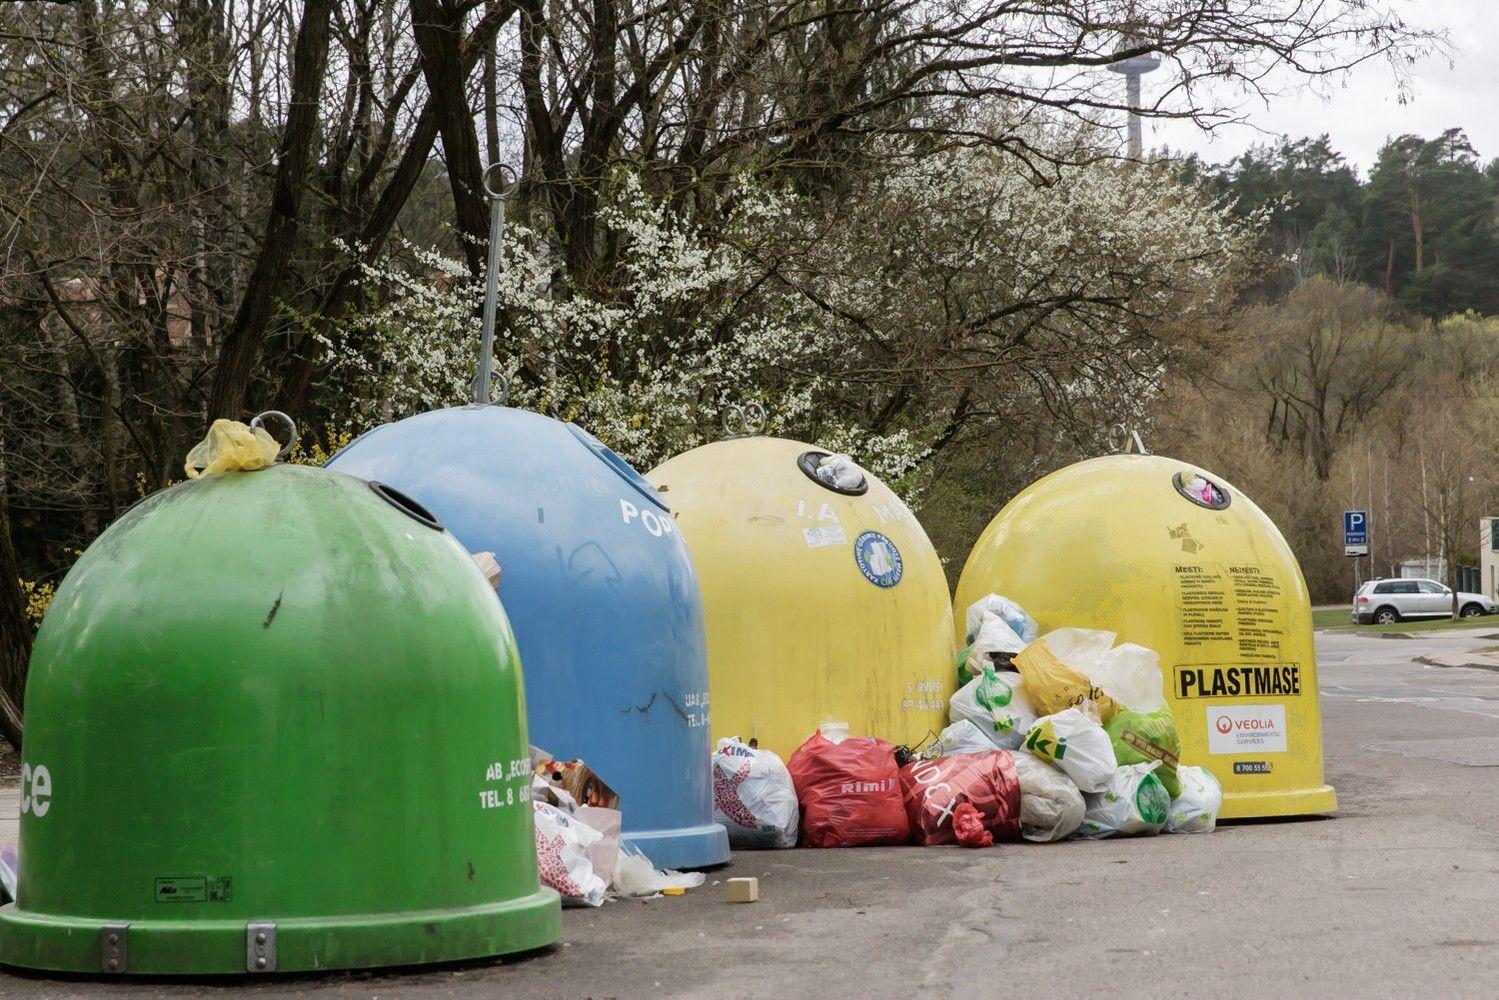 Konflikte dėl atliekų rinkliavos rado kompromisą